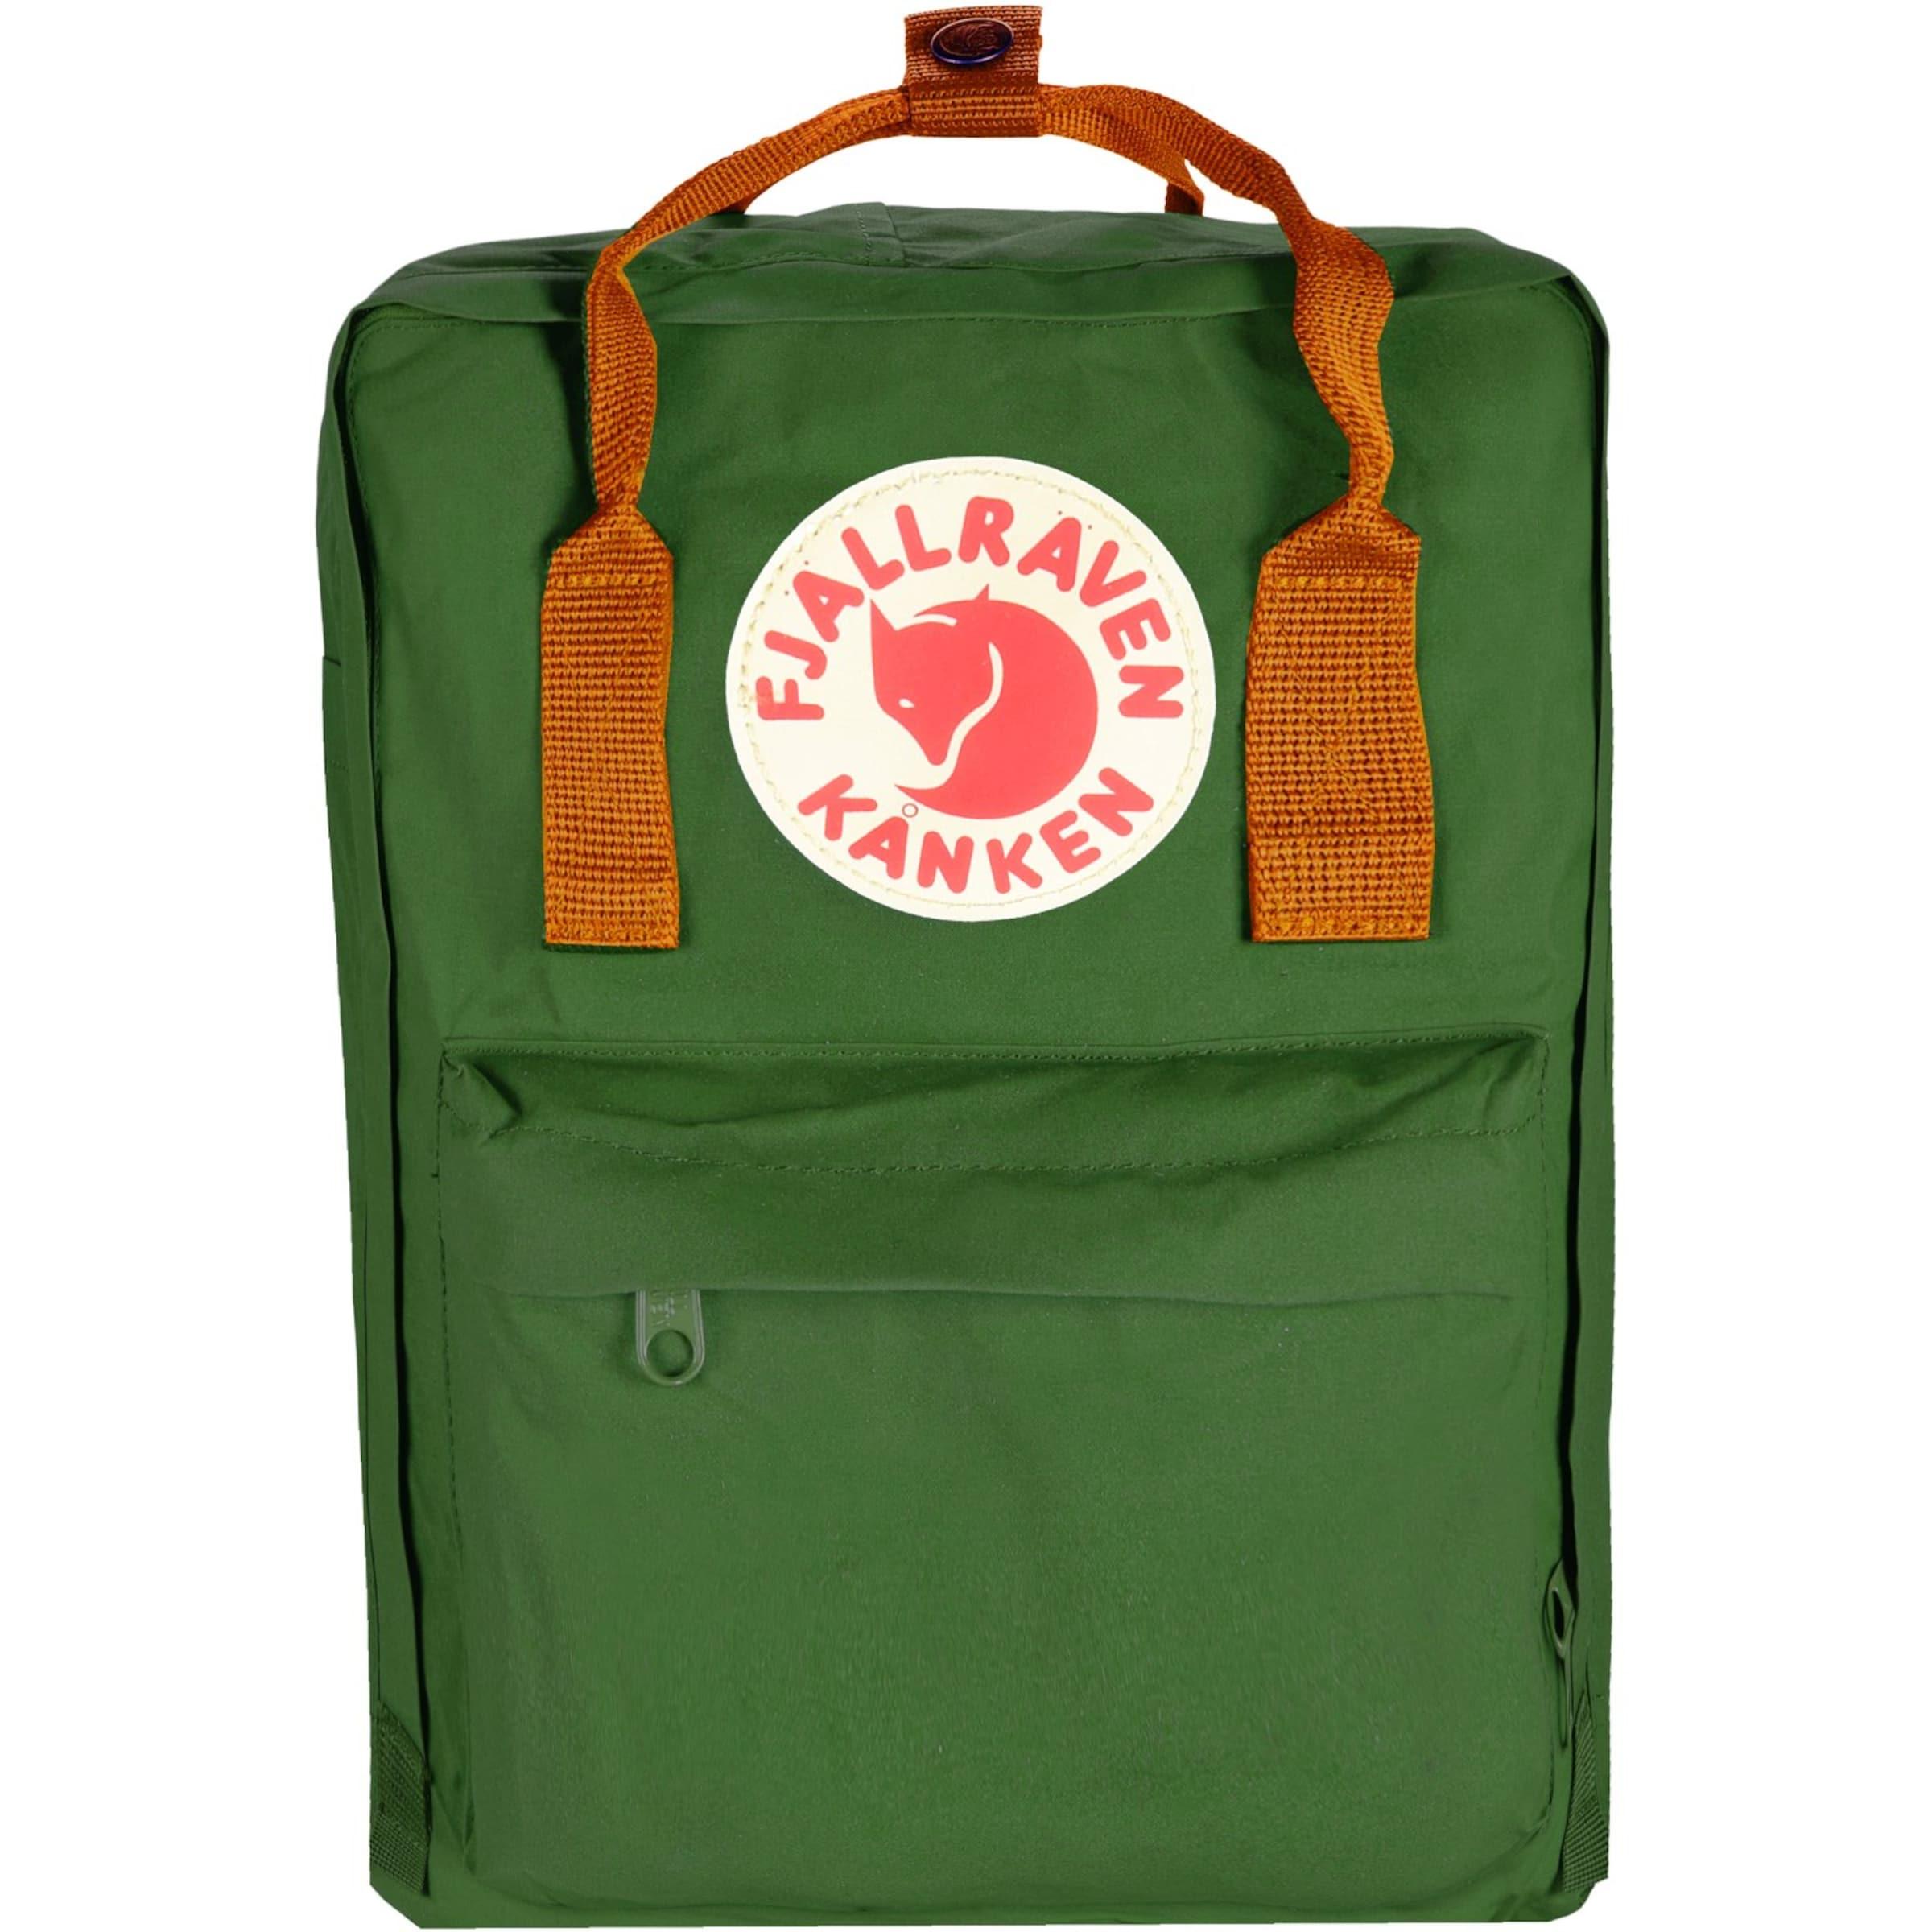 Billig Großhandelspreis Steckdose Reihenfolge Fjällräven Kånken 16 Mini Rucksack 29 cm Ausgezeichnete Online-Verkauf IBLpE7SHy